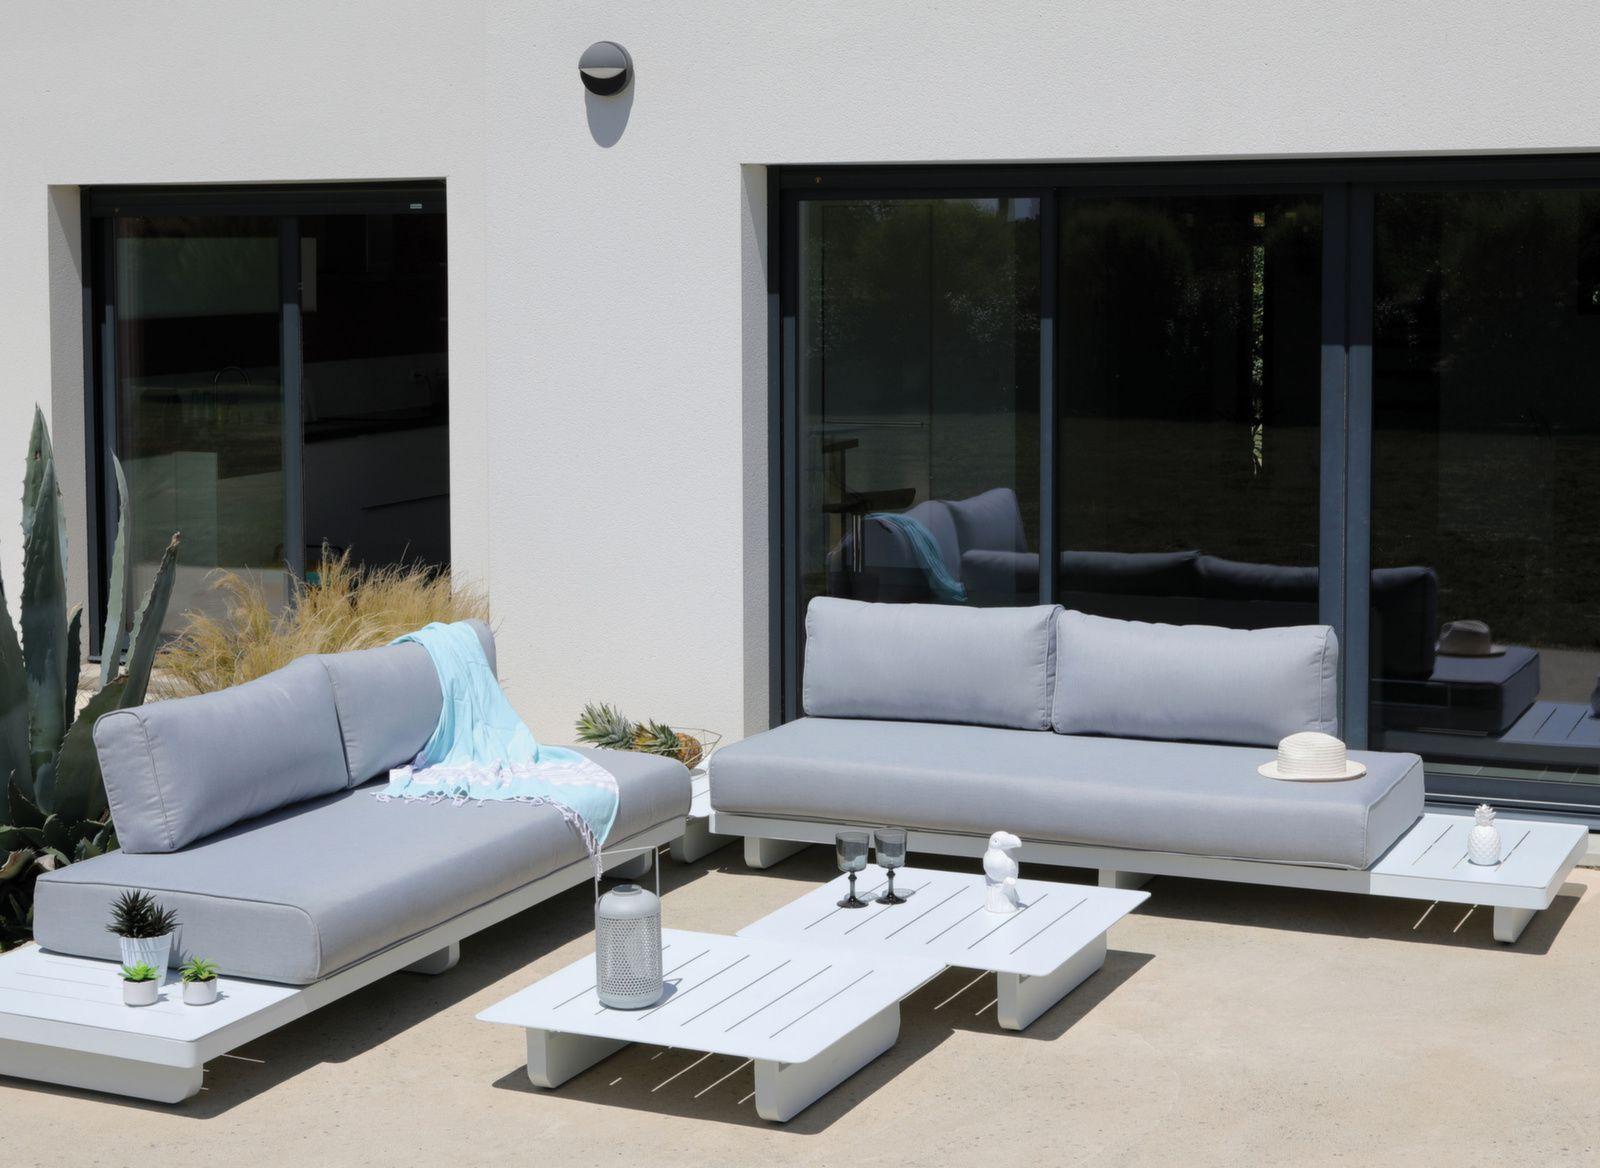 Salon Bas De Jardin Sur Iziva - Iziva avec Salon De Jardin D Angle Pas Cher